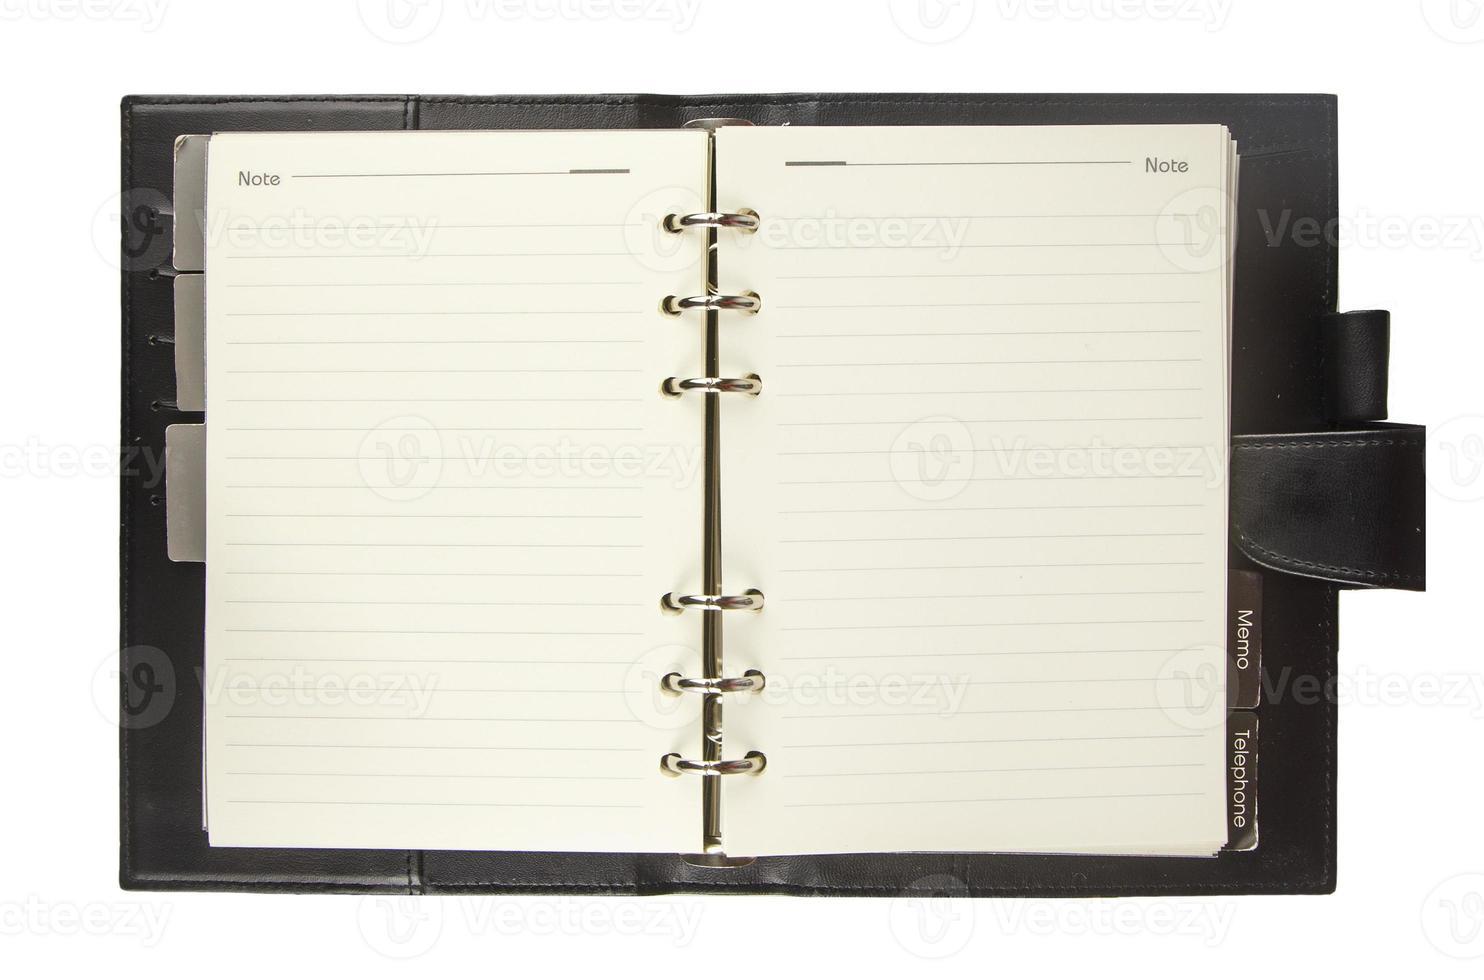 cuaderno en blanco con tapa negra aislado en blanco foto